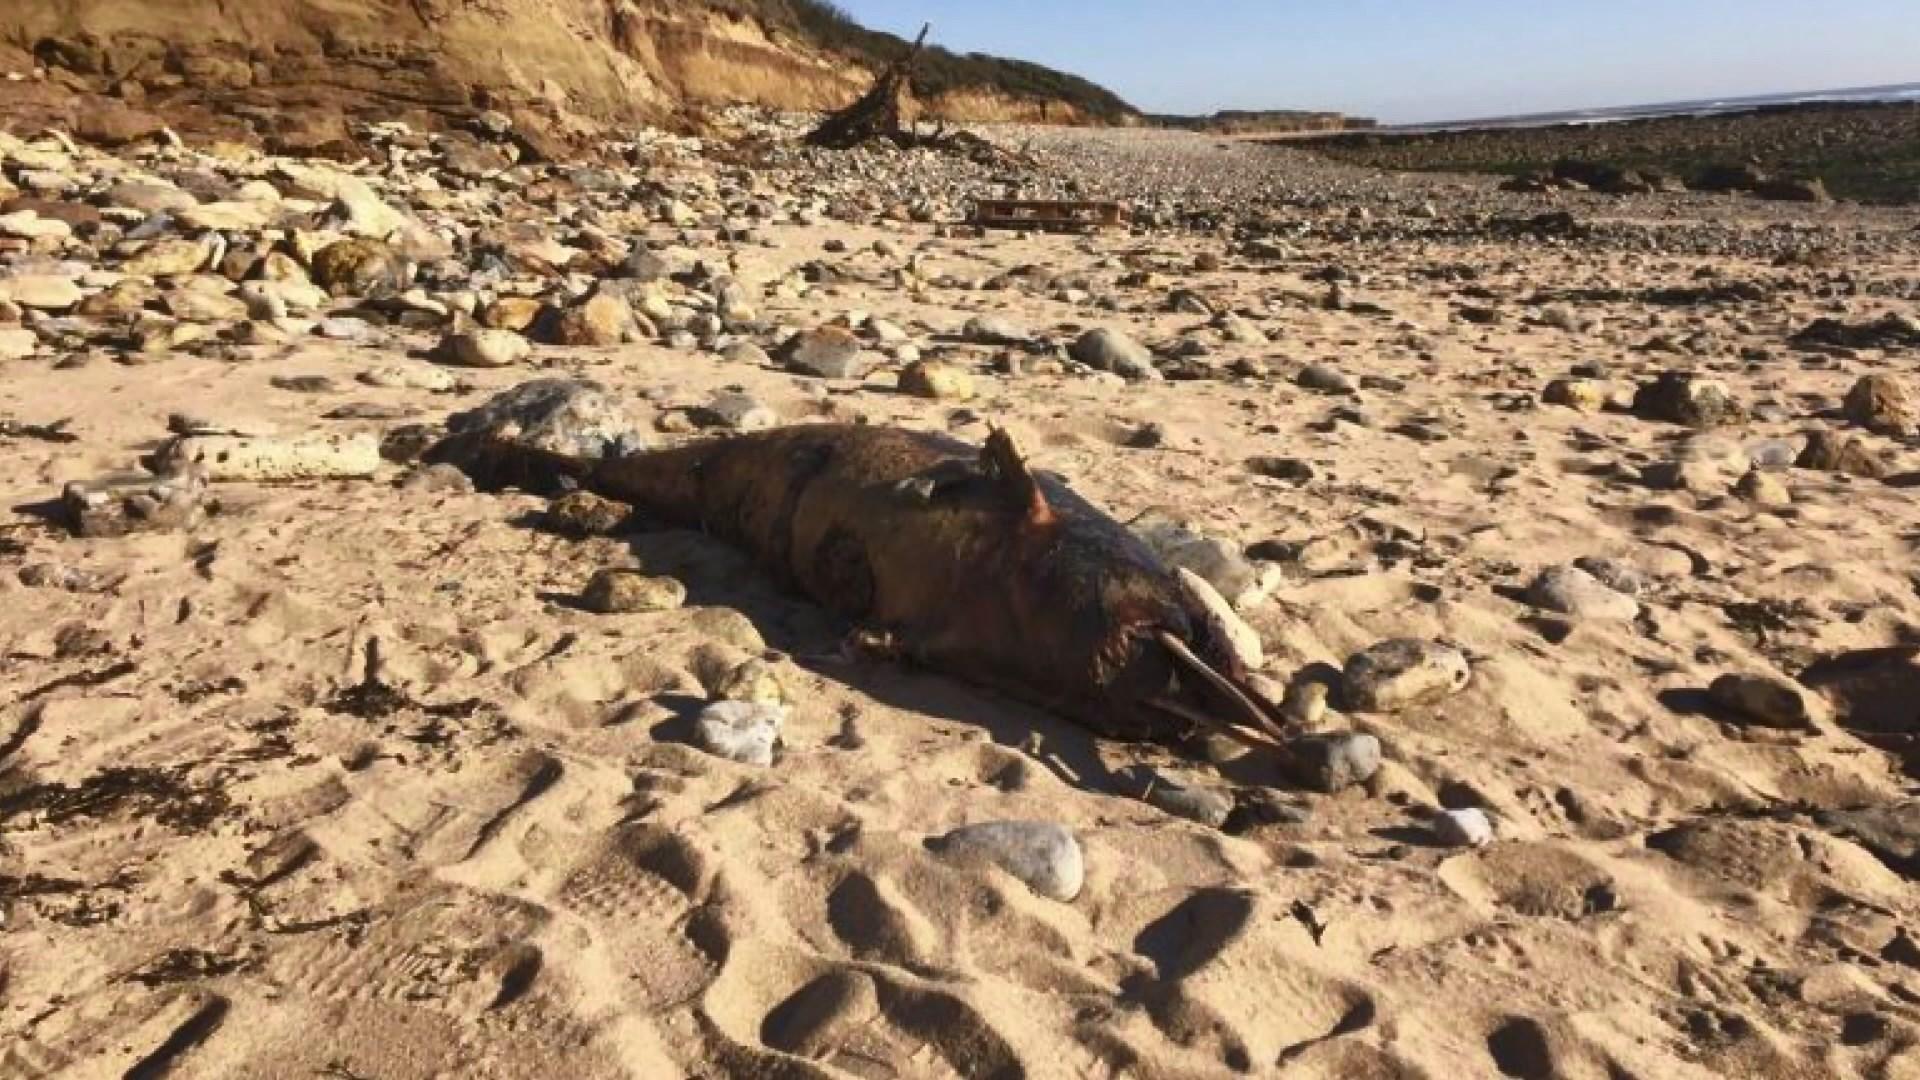 【環球薈報】法國三個月內逾千條海豚死亡